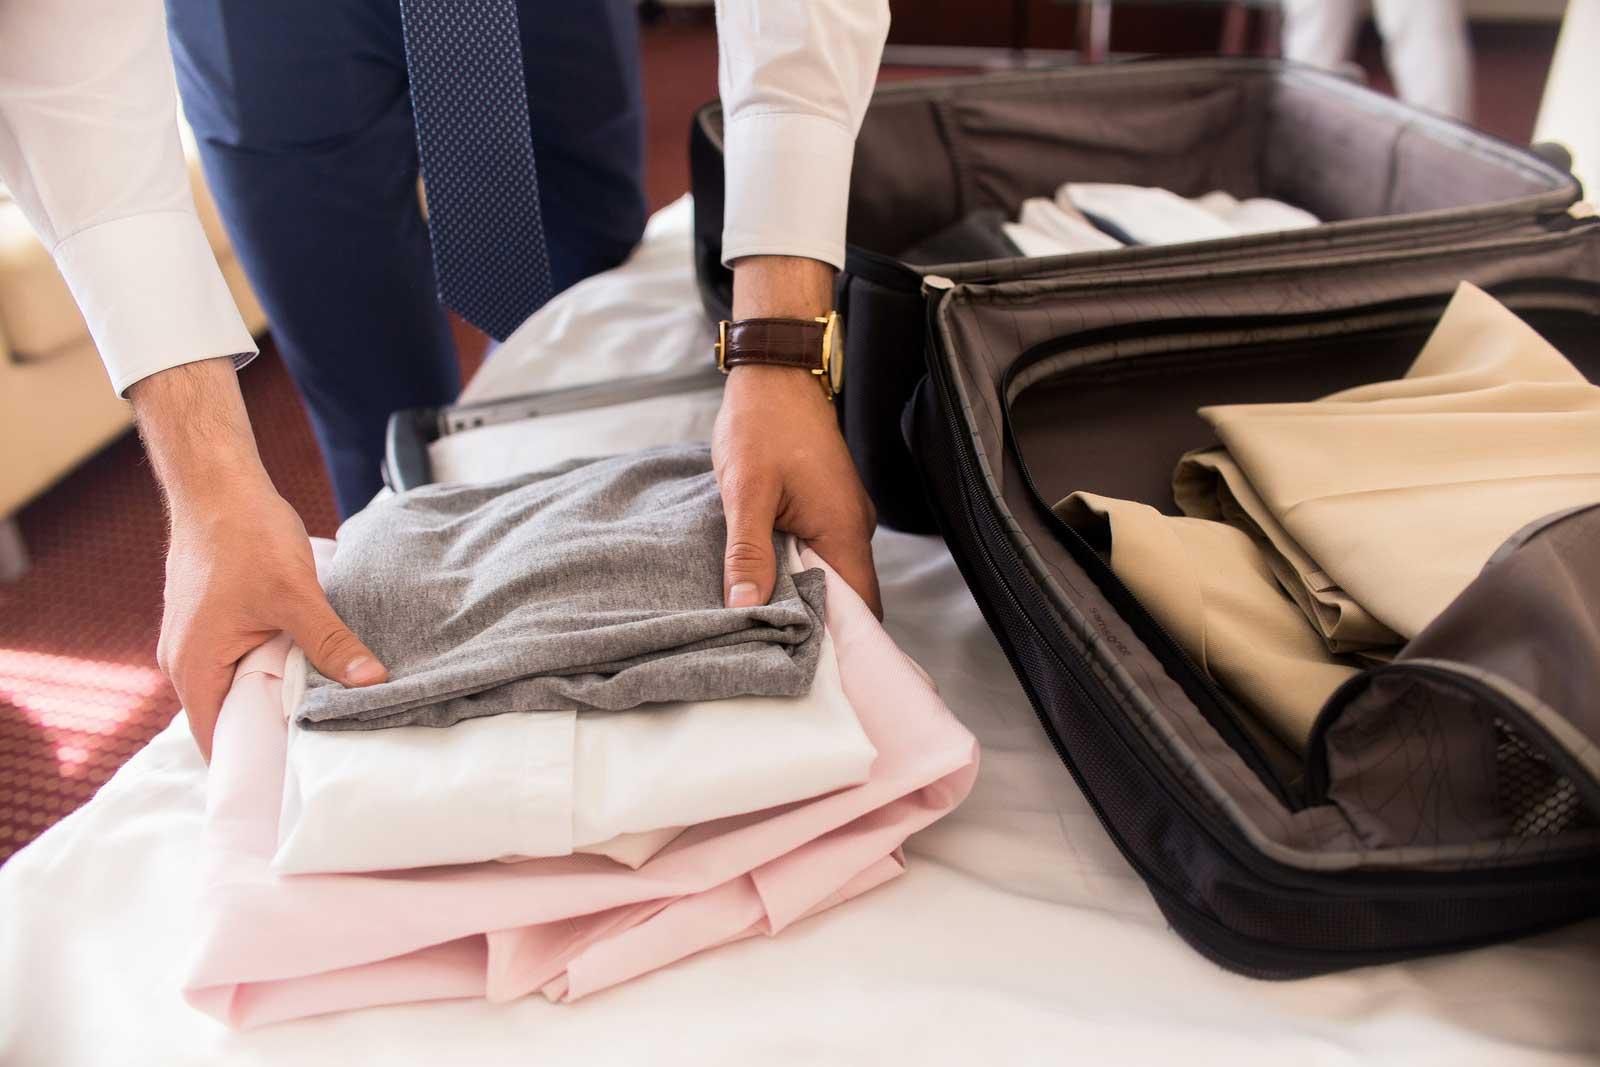 Un homme plie des chemises avant de les mettre en entreposage